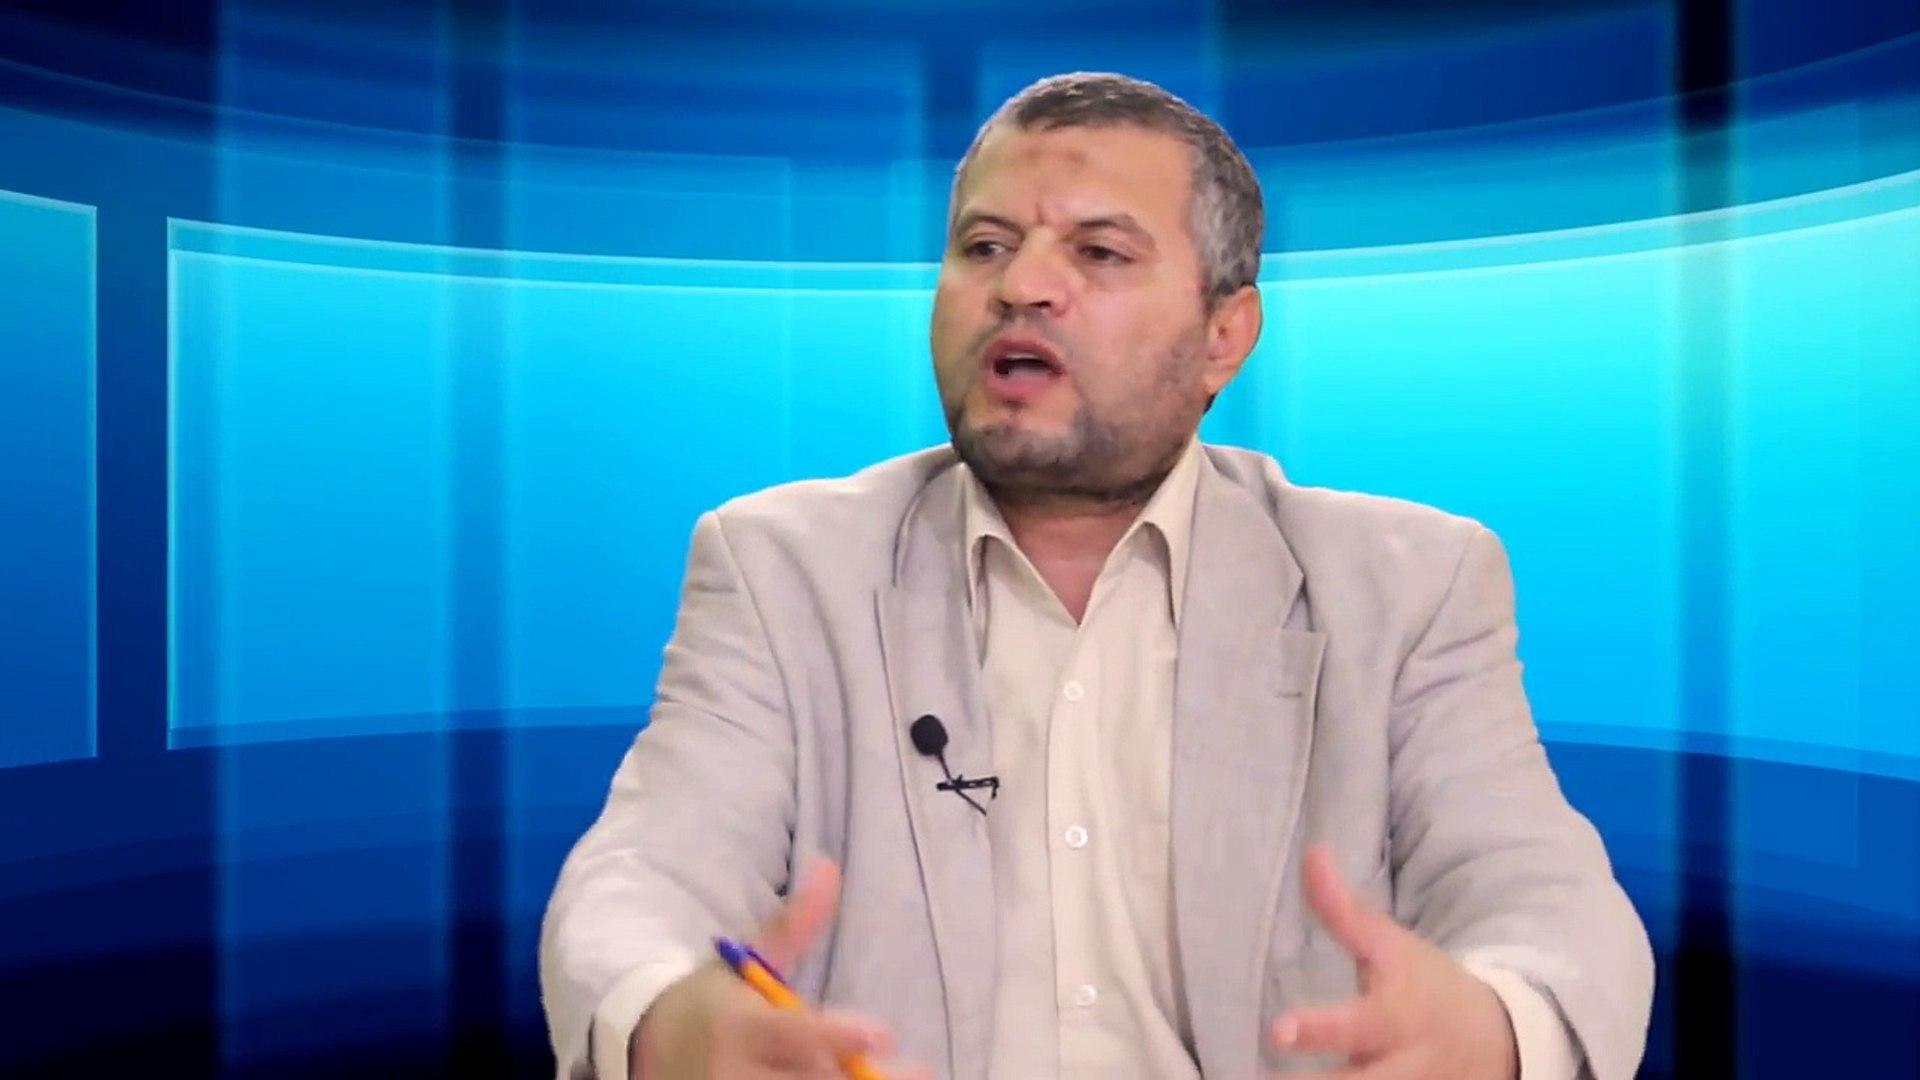 أخطاء رواية صابر مشهور عن إغلاق قناة مصر الآن وهل تم حظر شعار رابعة ومصطلح الانقلاب؟